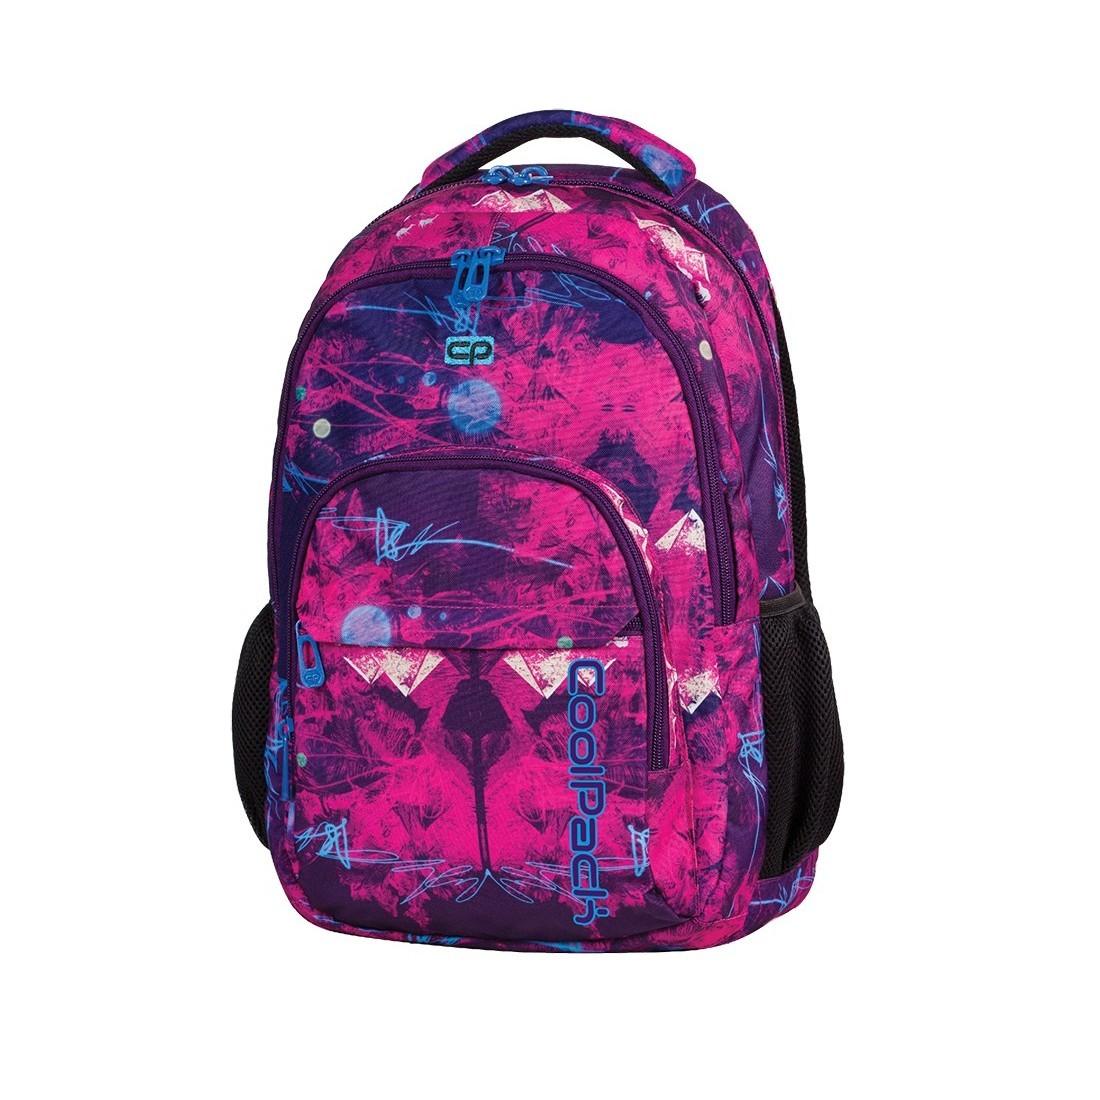 Plecak młodzieżowy CoolPack CP lekki różowo - fioletowy deseń BASIC PURPLE DESERT 538 - plecak-tornister.pl